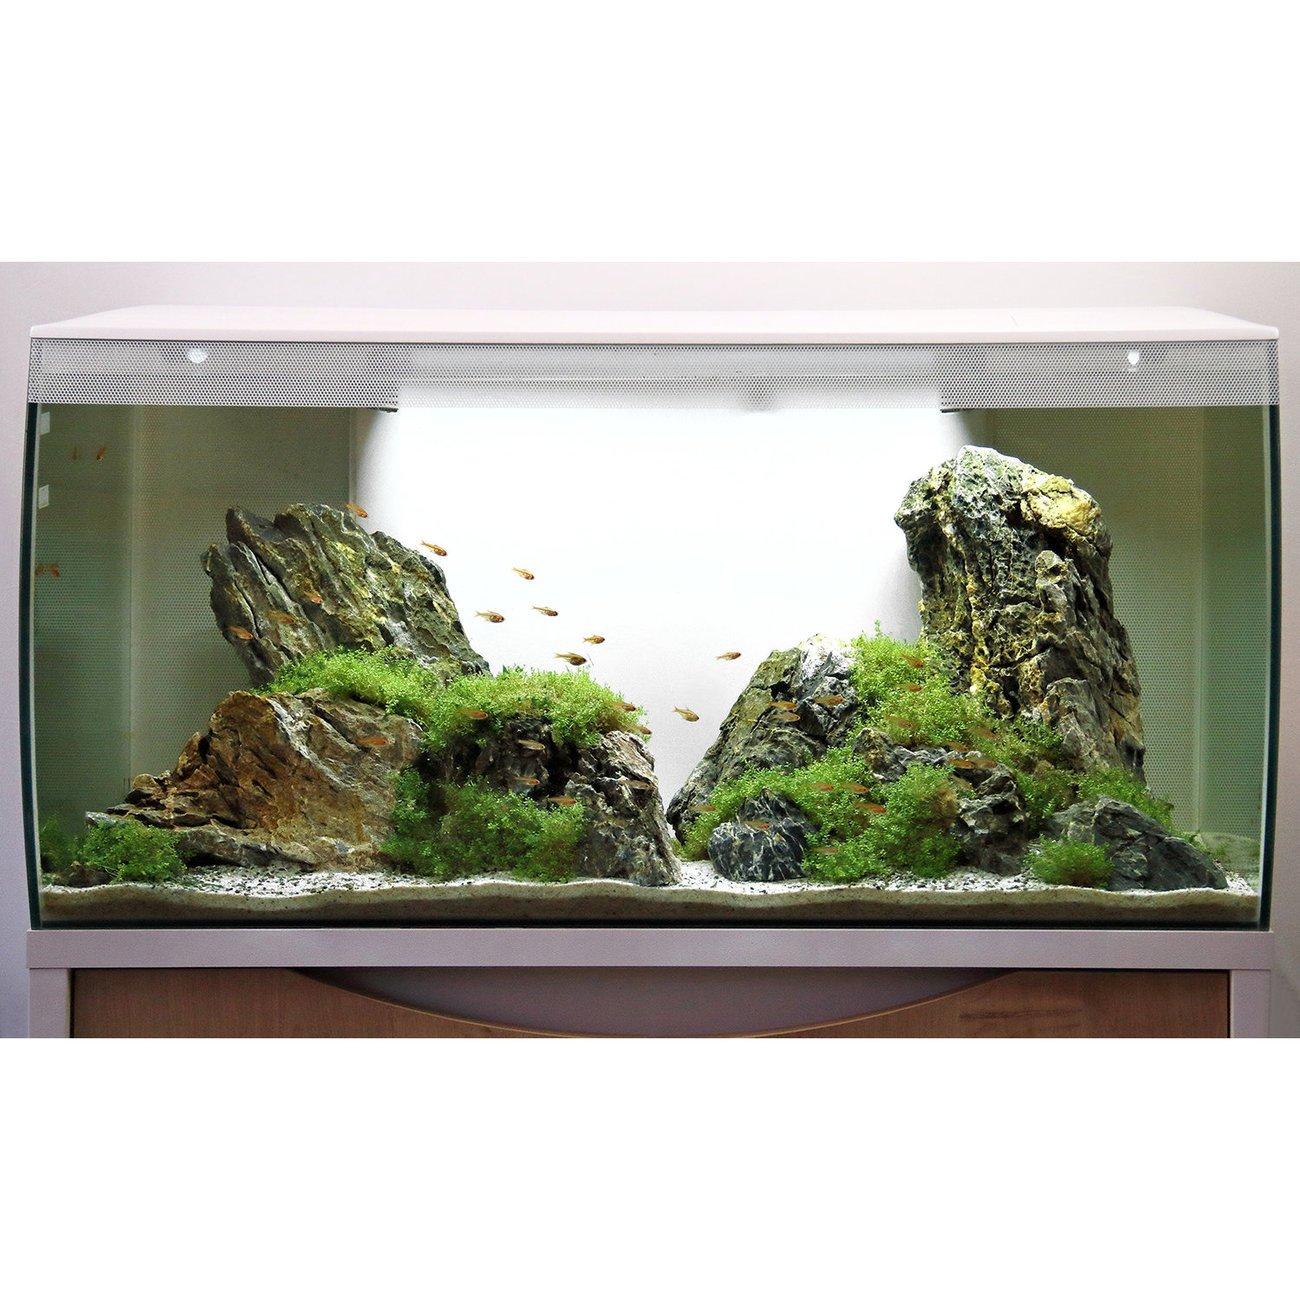 Fluval Flex 123 Liter Aquarium Bild 8